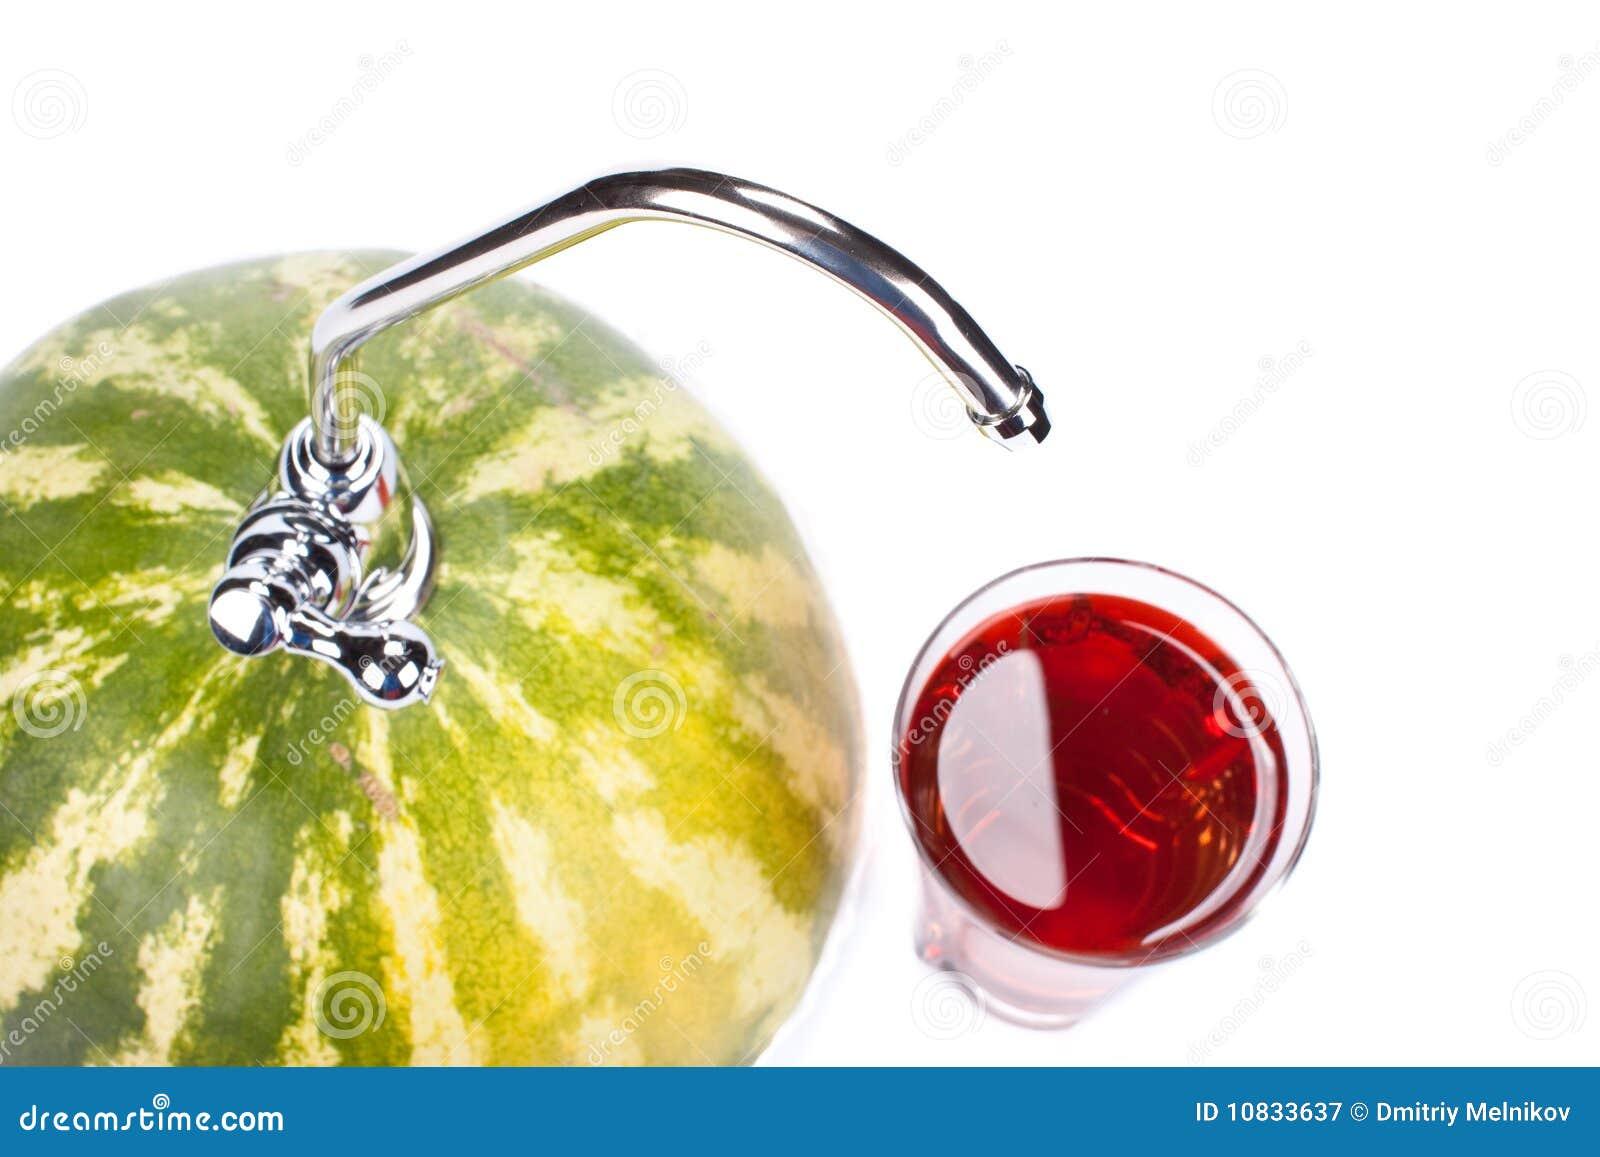 Perfect Watermelon Faucet Illustration - Sink Faucet Ideas - nokton.info